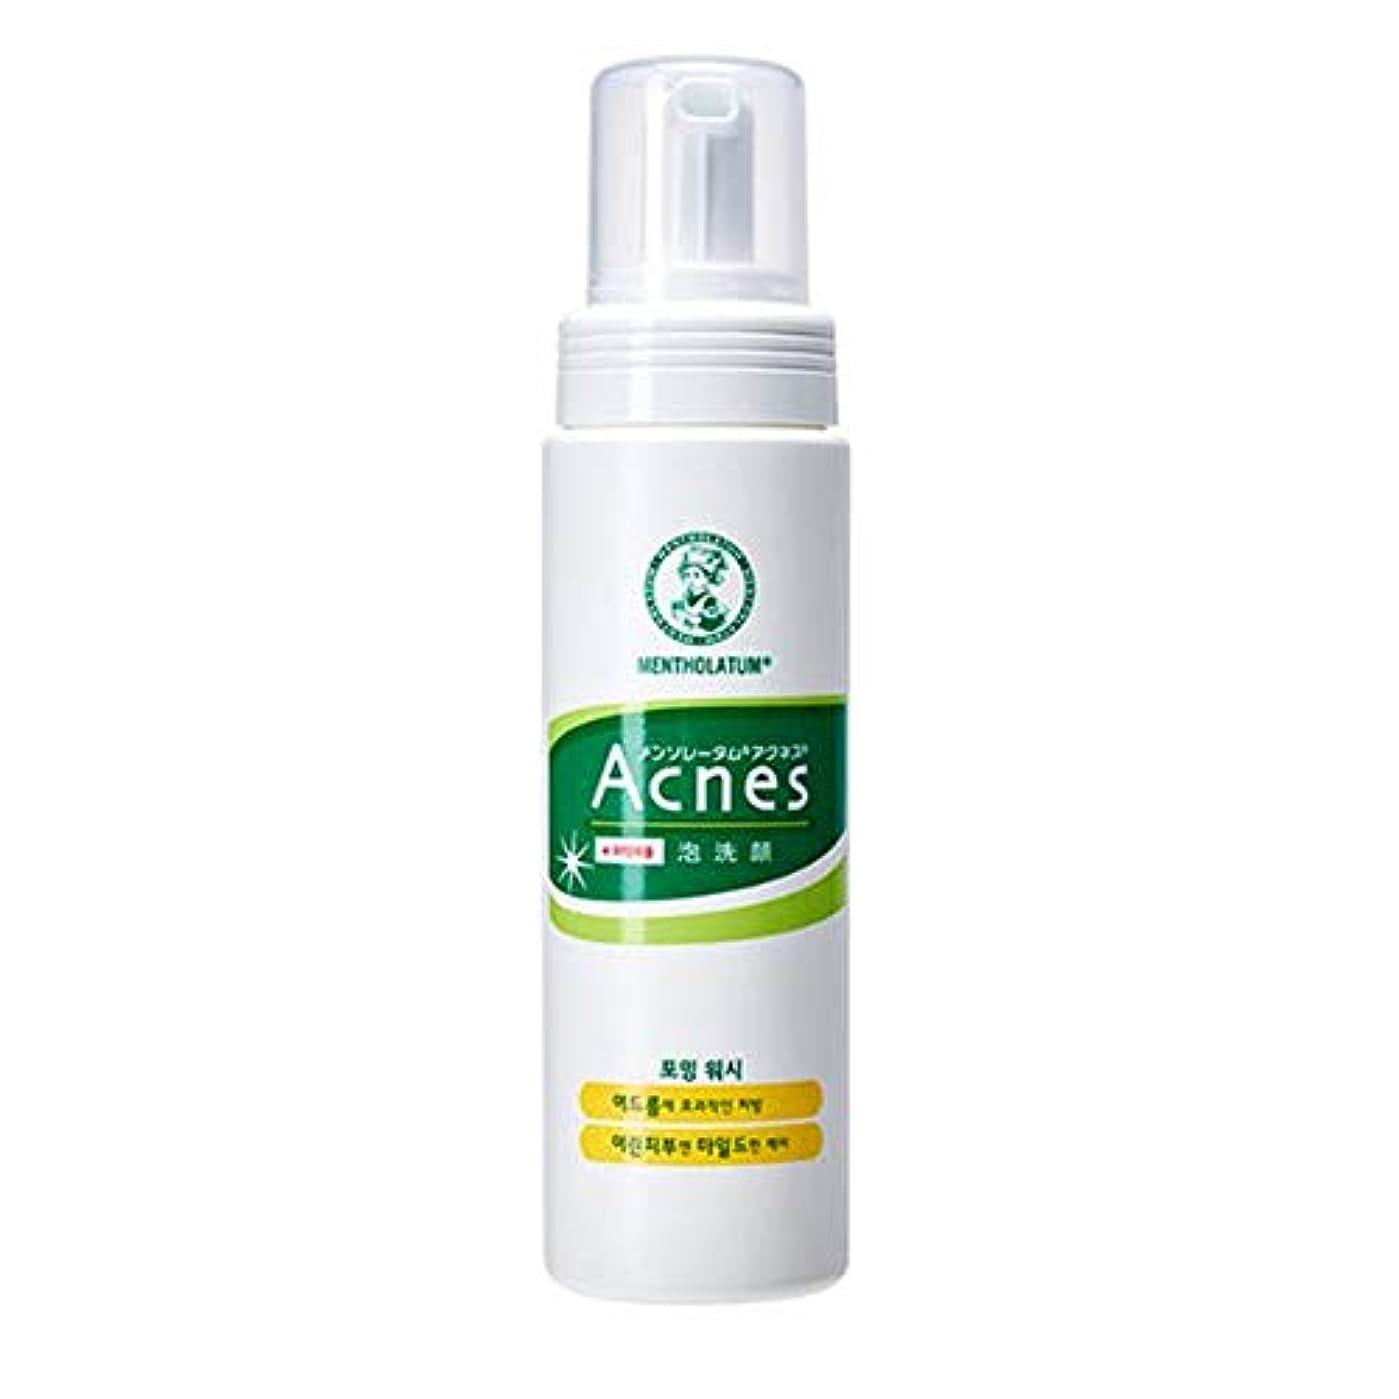 意気揚々作り選択[Acnes] アクネス フォーミング ウォッシュ Foaming Wash メイク落とし - Acne Break Face Cleanser, Balance Oil Control Foaming Cleansing with Palmitic Acid for Oily and Sensitive Skin Korean Skincare #Dab1158